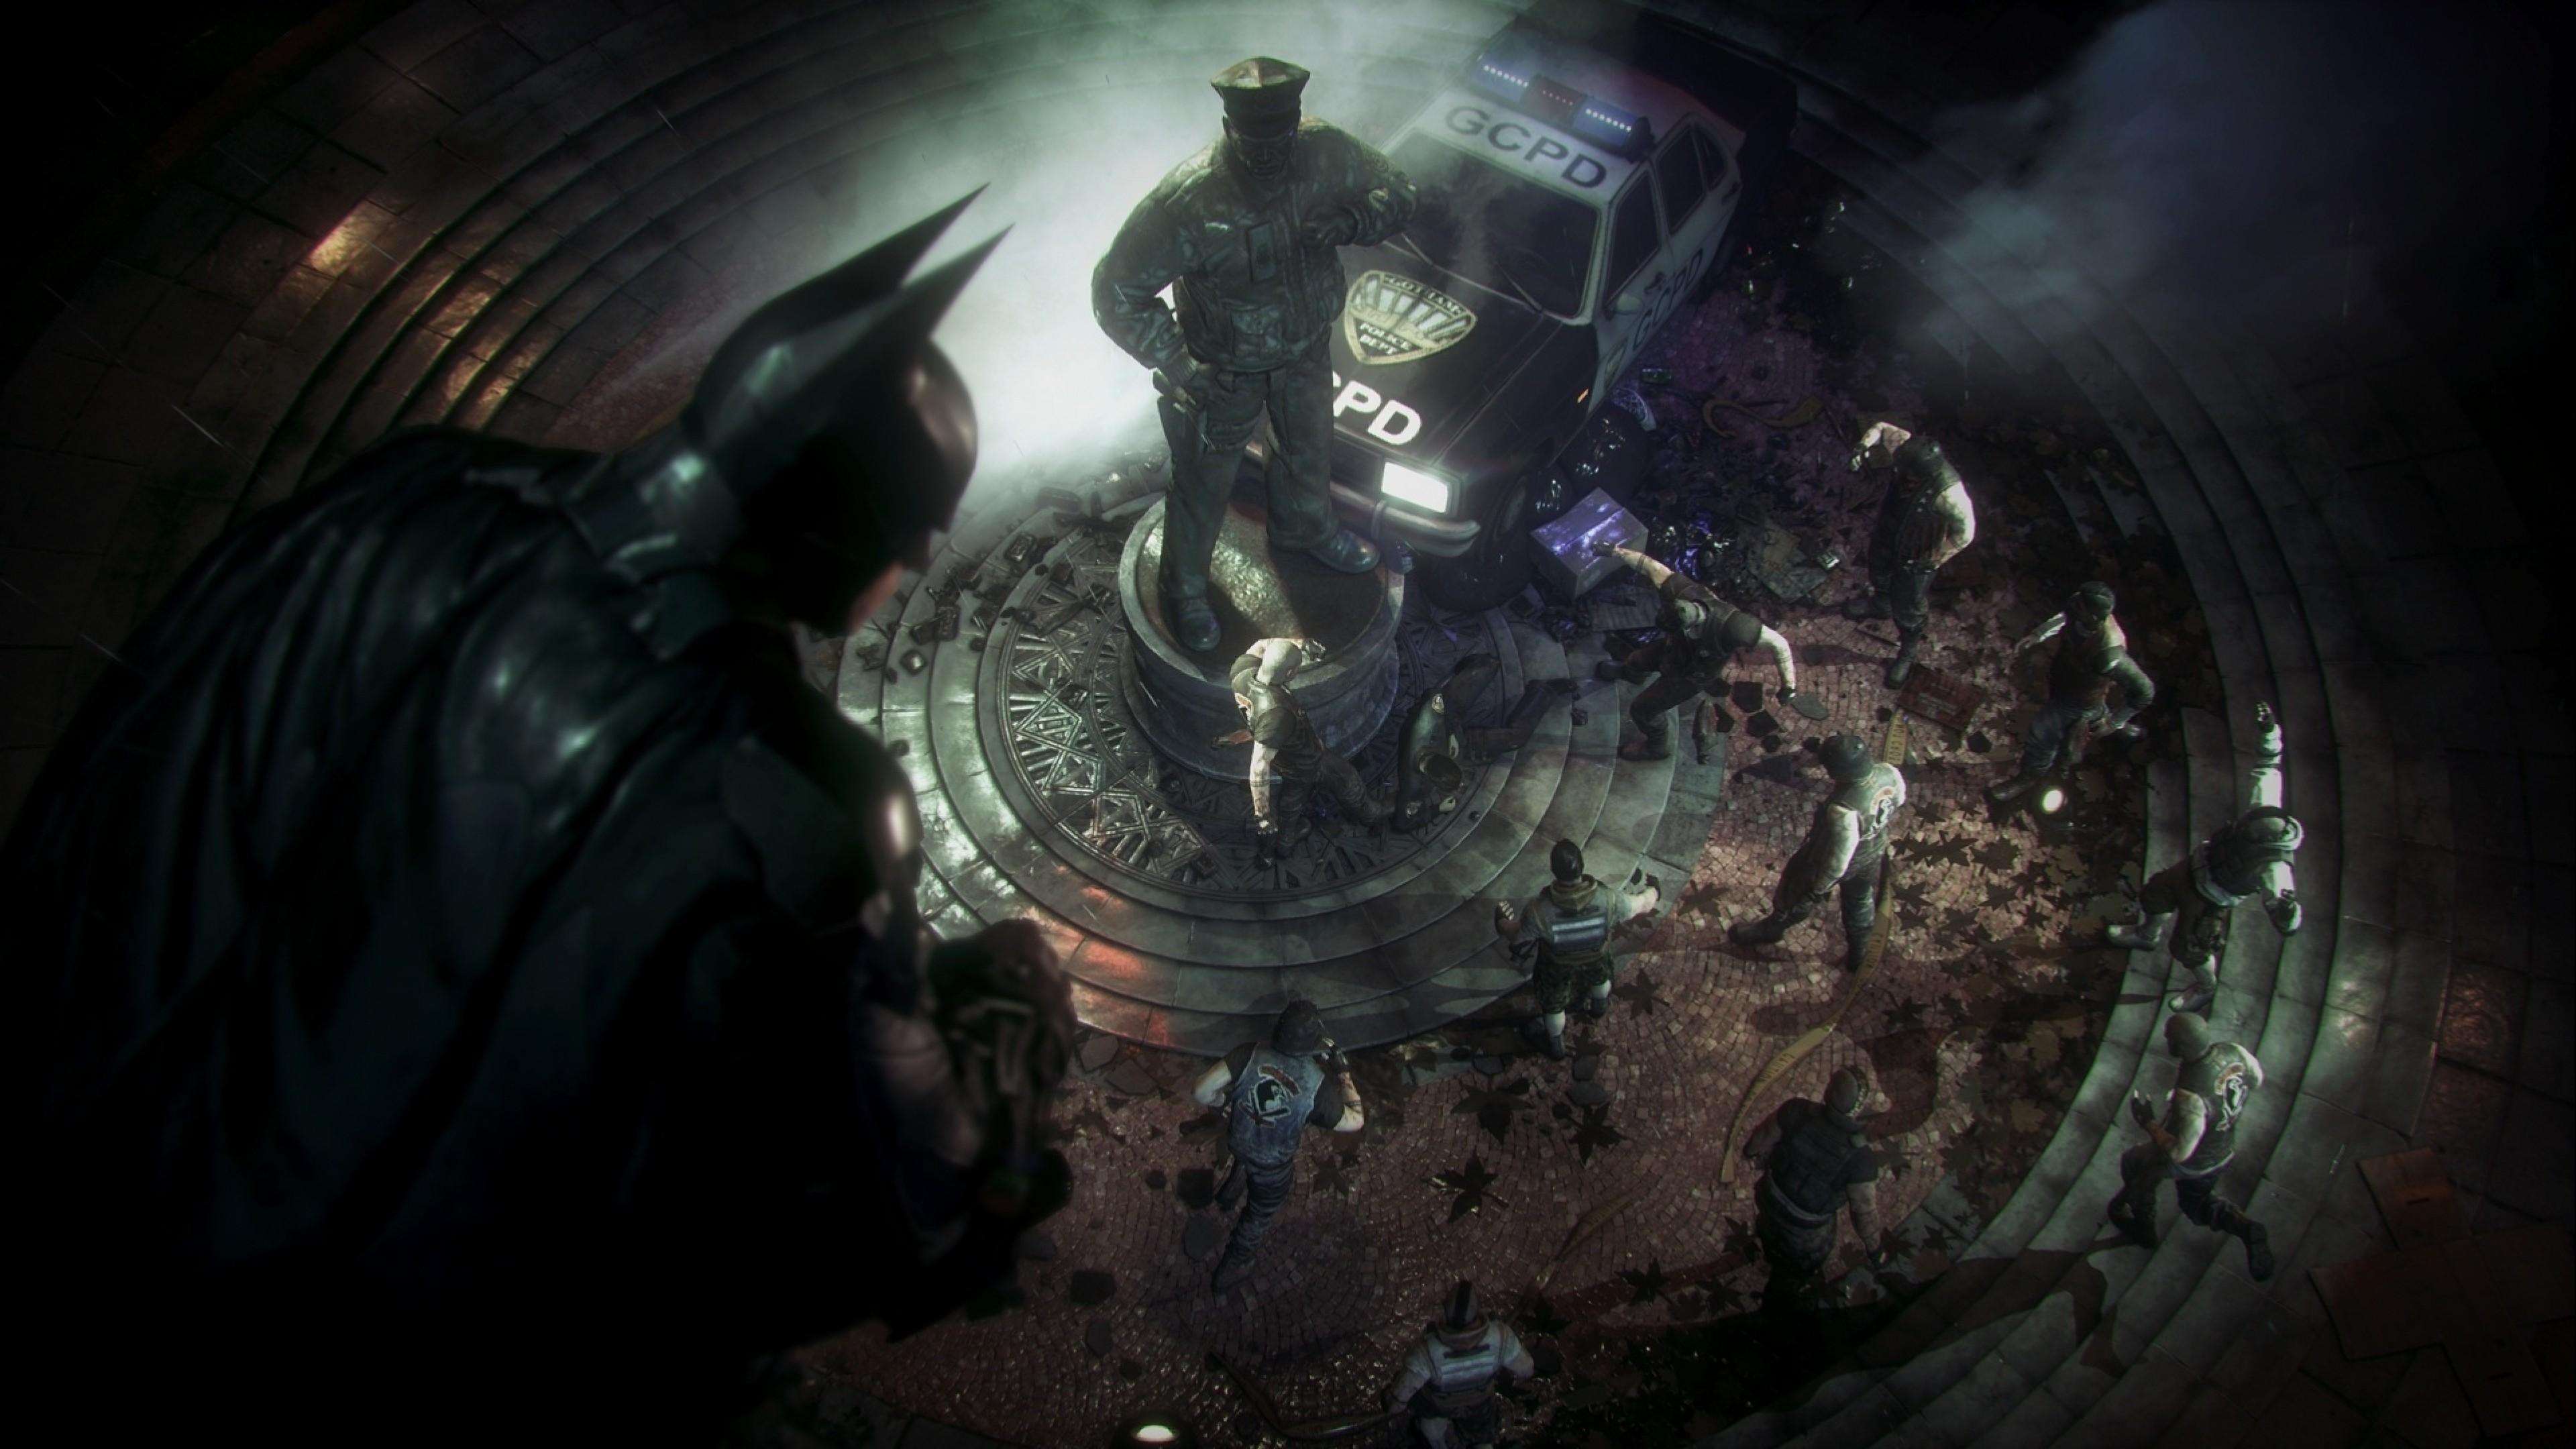 デスクトップ壁紙 ビデオゲーム バットマン アルハム ナイト